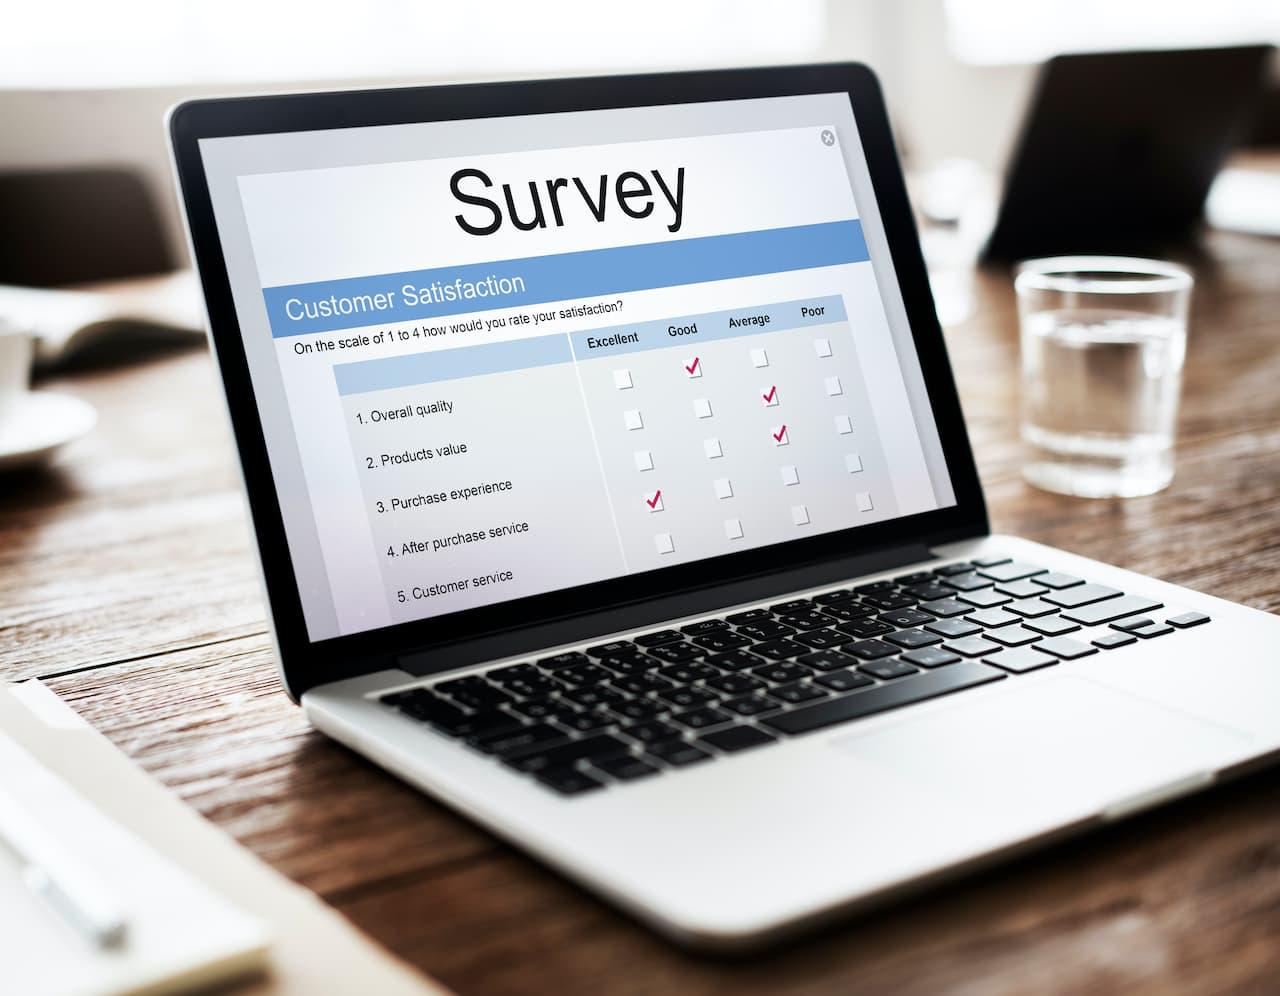 Tạo mẫu survey khảo sát với website wordpress có sẵn